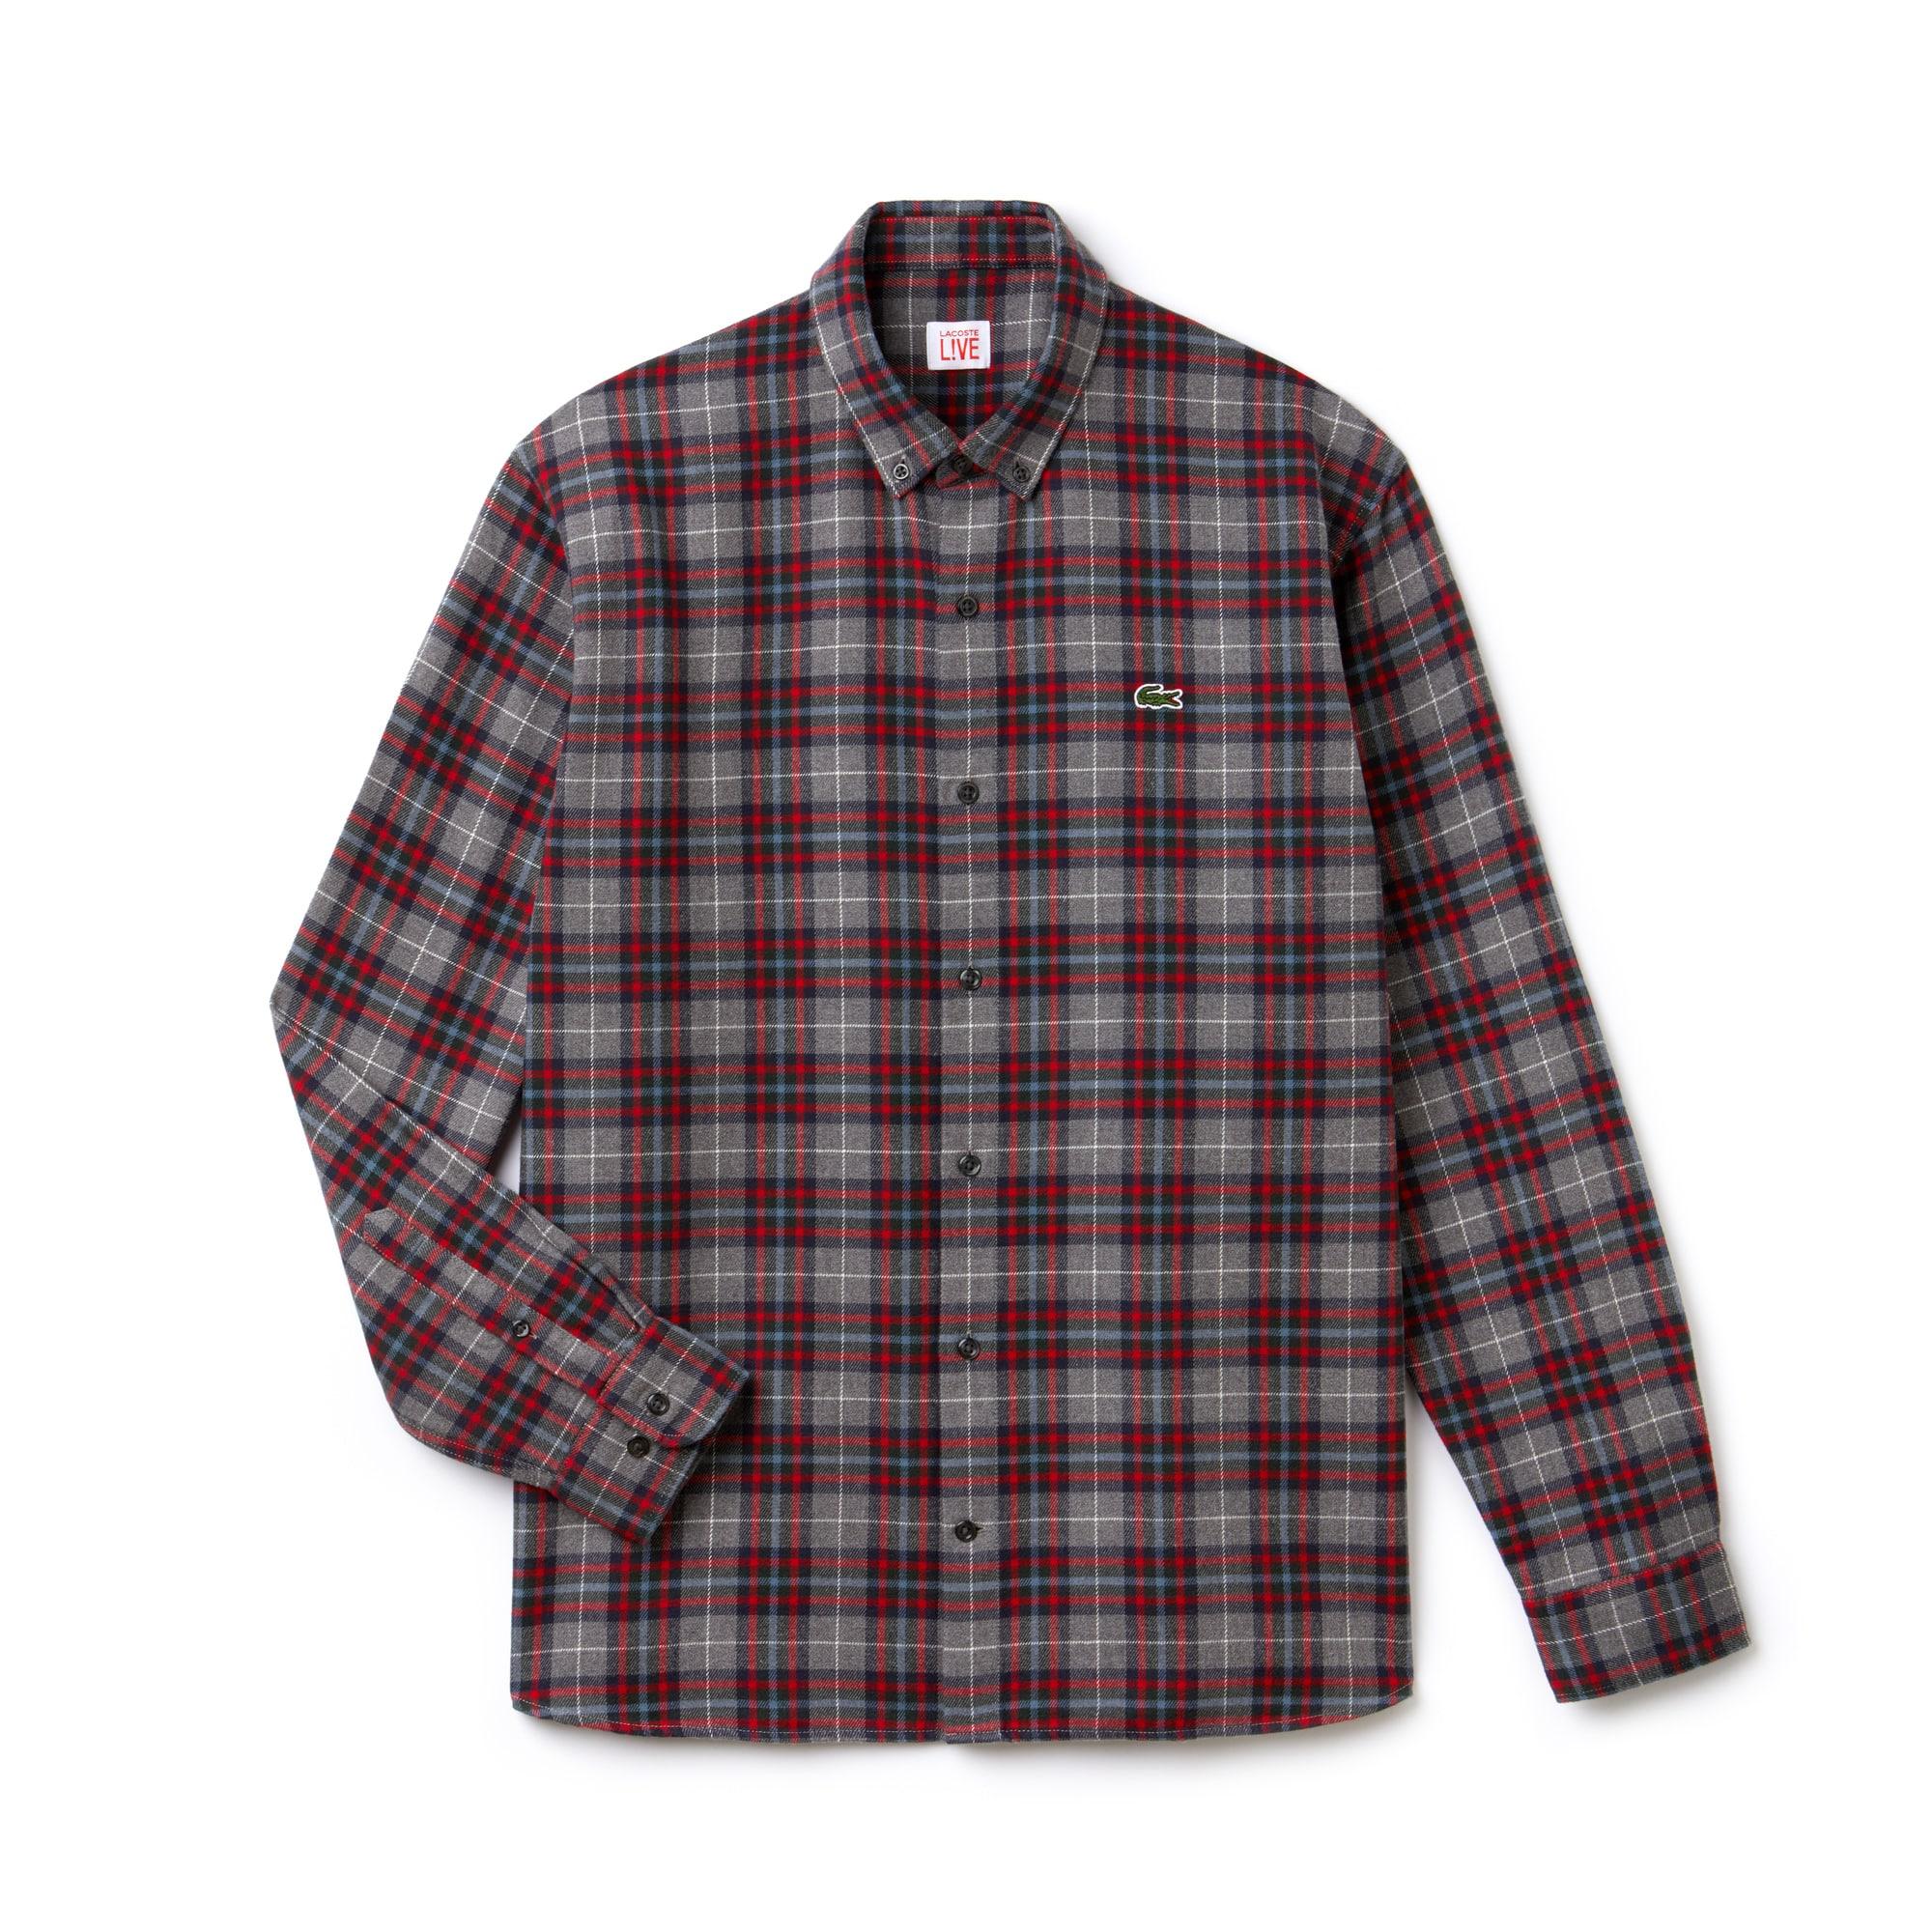 Men's LIVE Boxy Fit Check Cotton Flannel Shirt